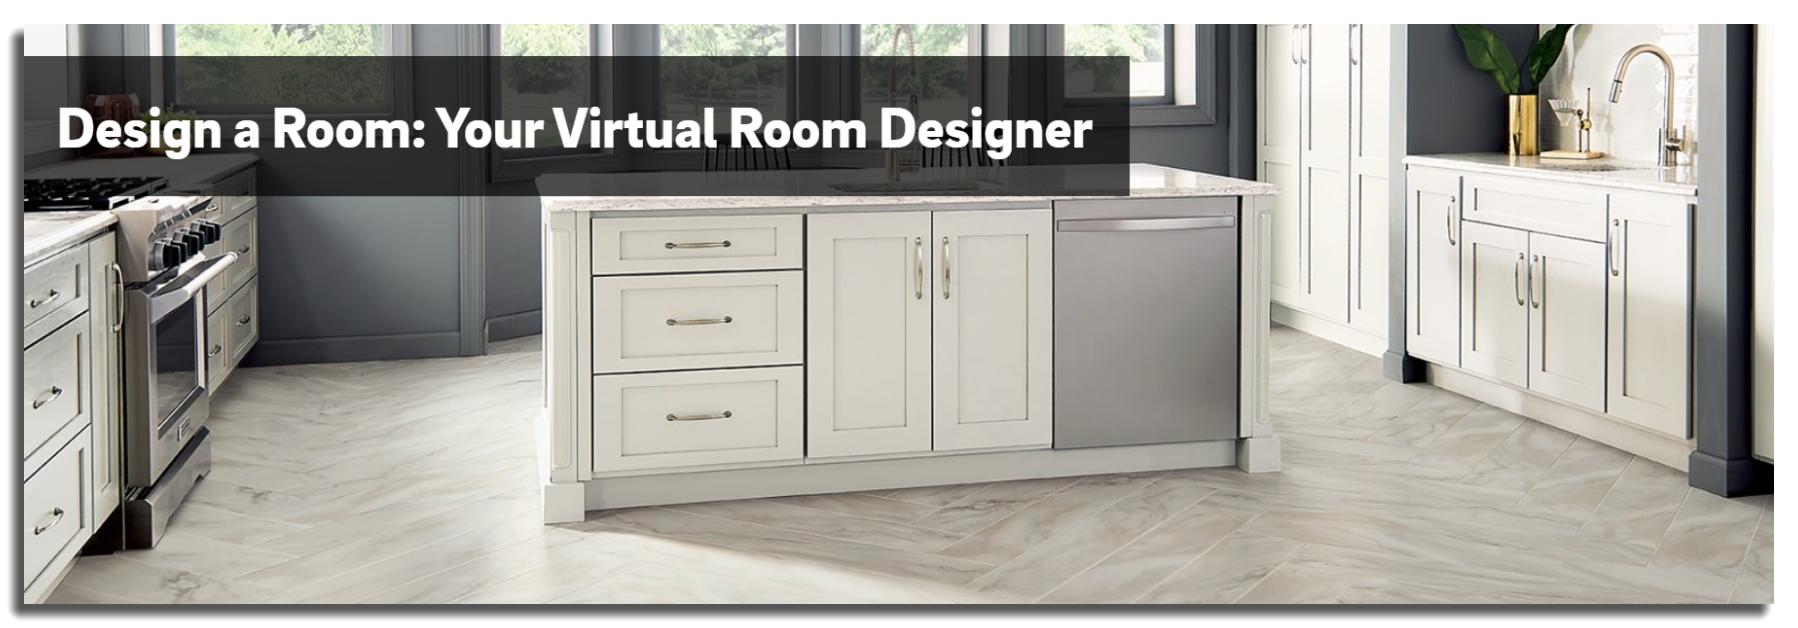 aplicaciones diseñar casas desing a room